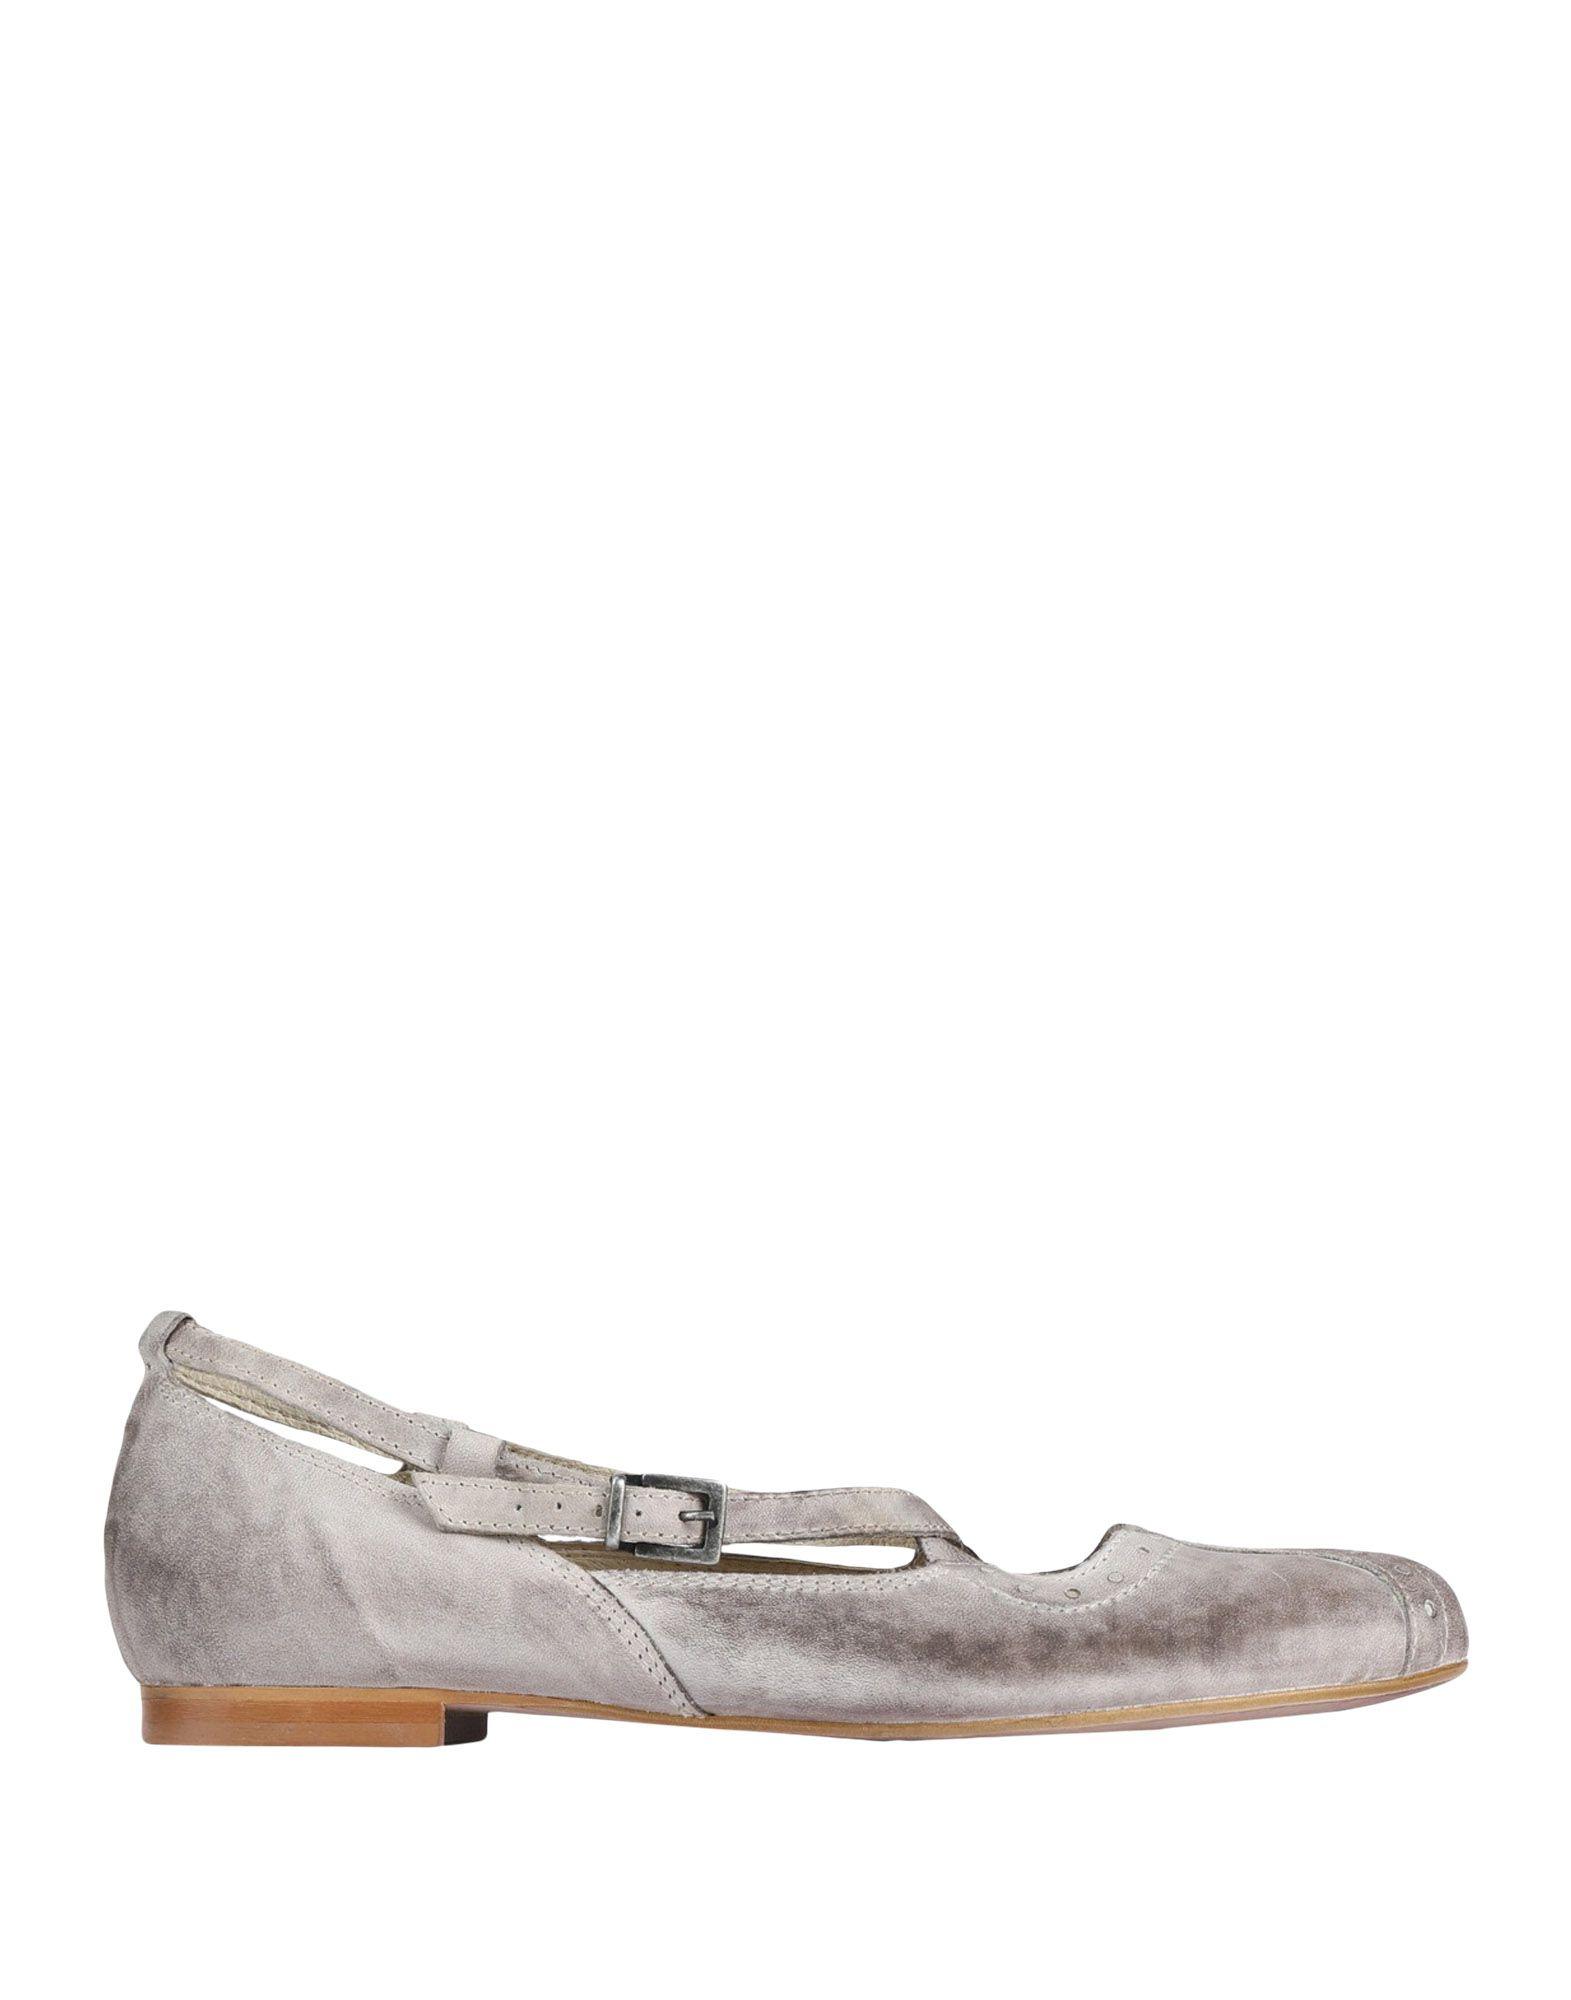 Clocharme Ballerinas Damen  11525862WS Gute Qualität beliebte Schuhe